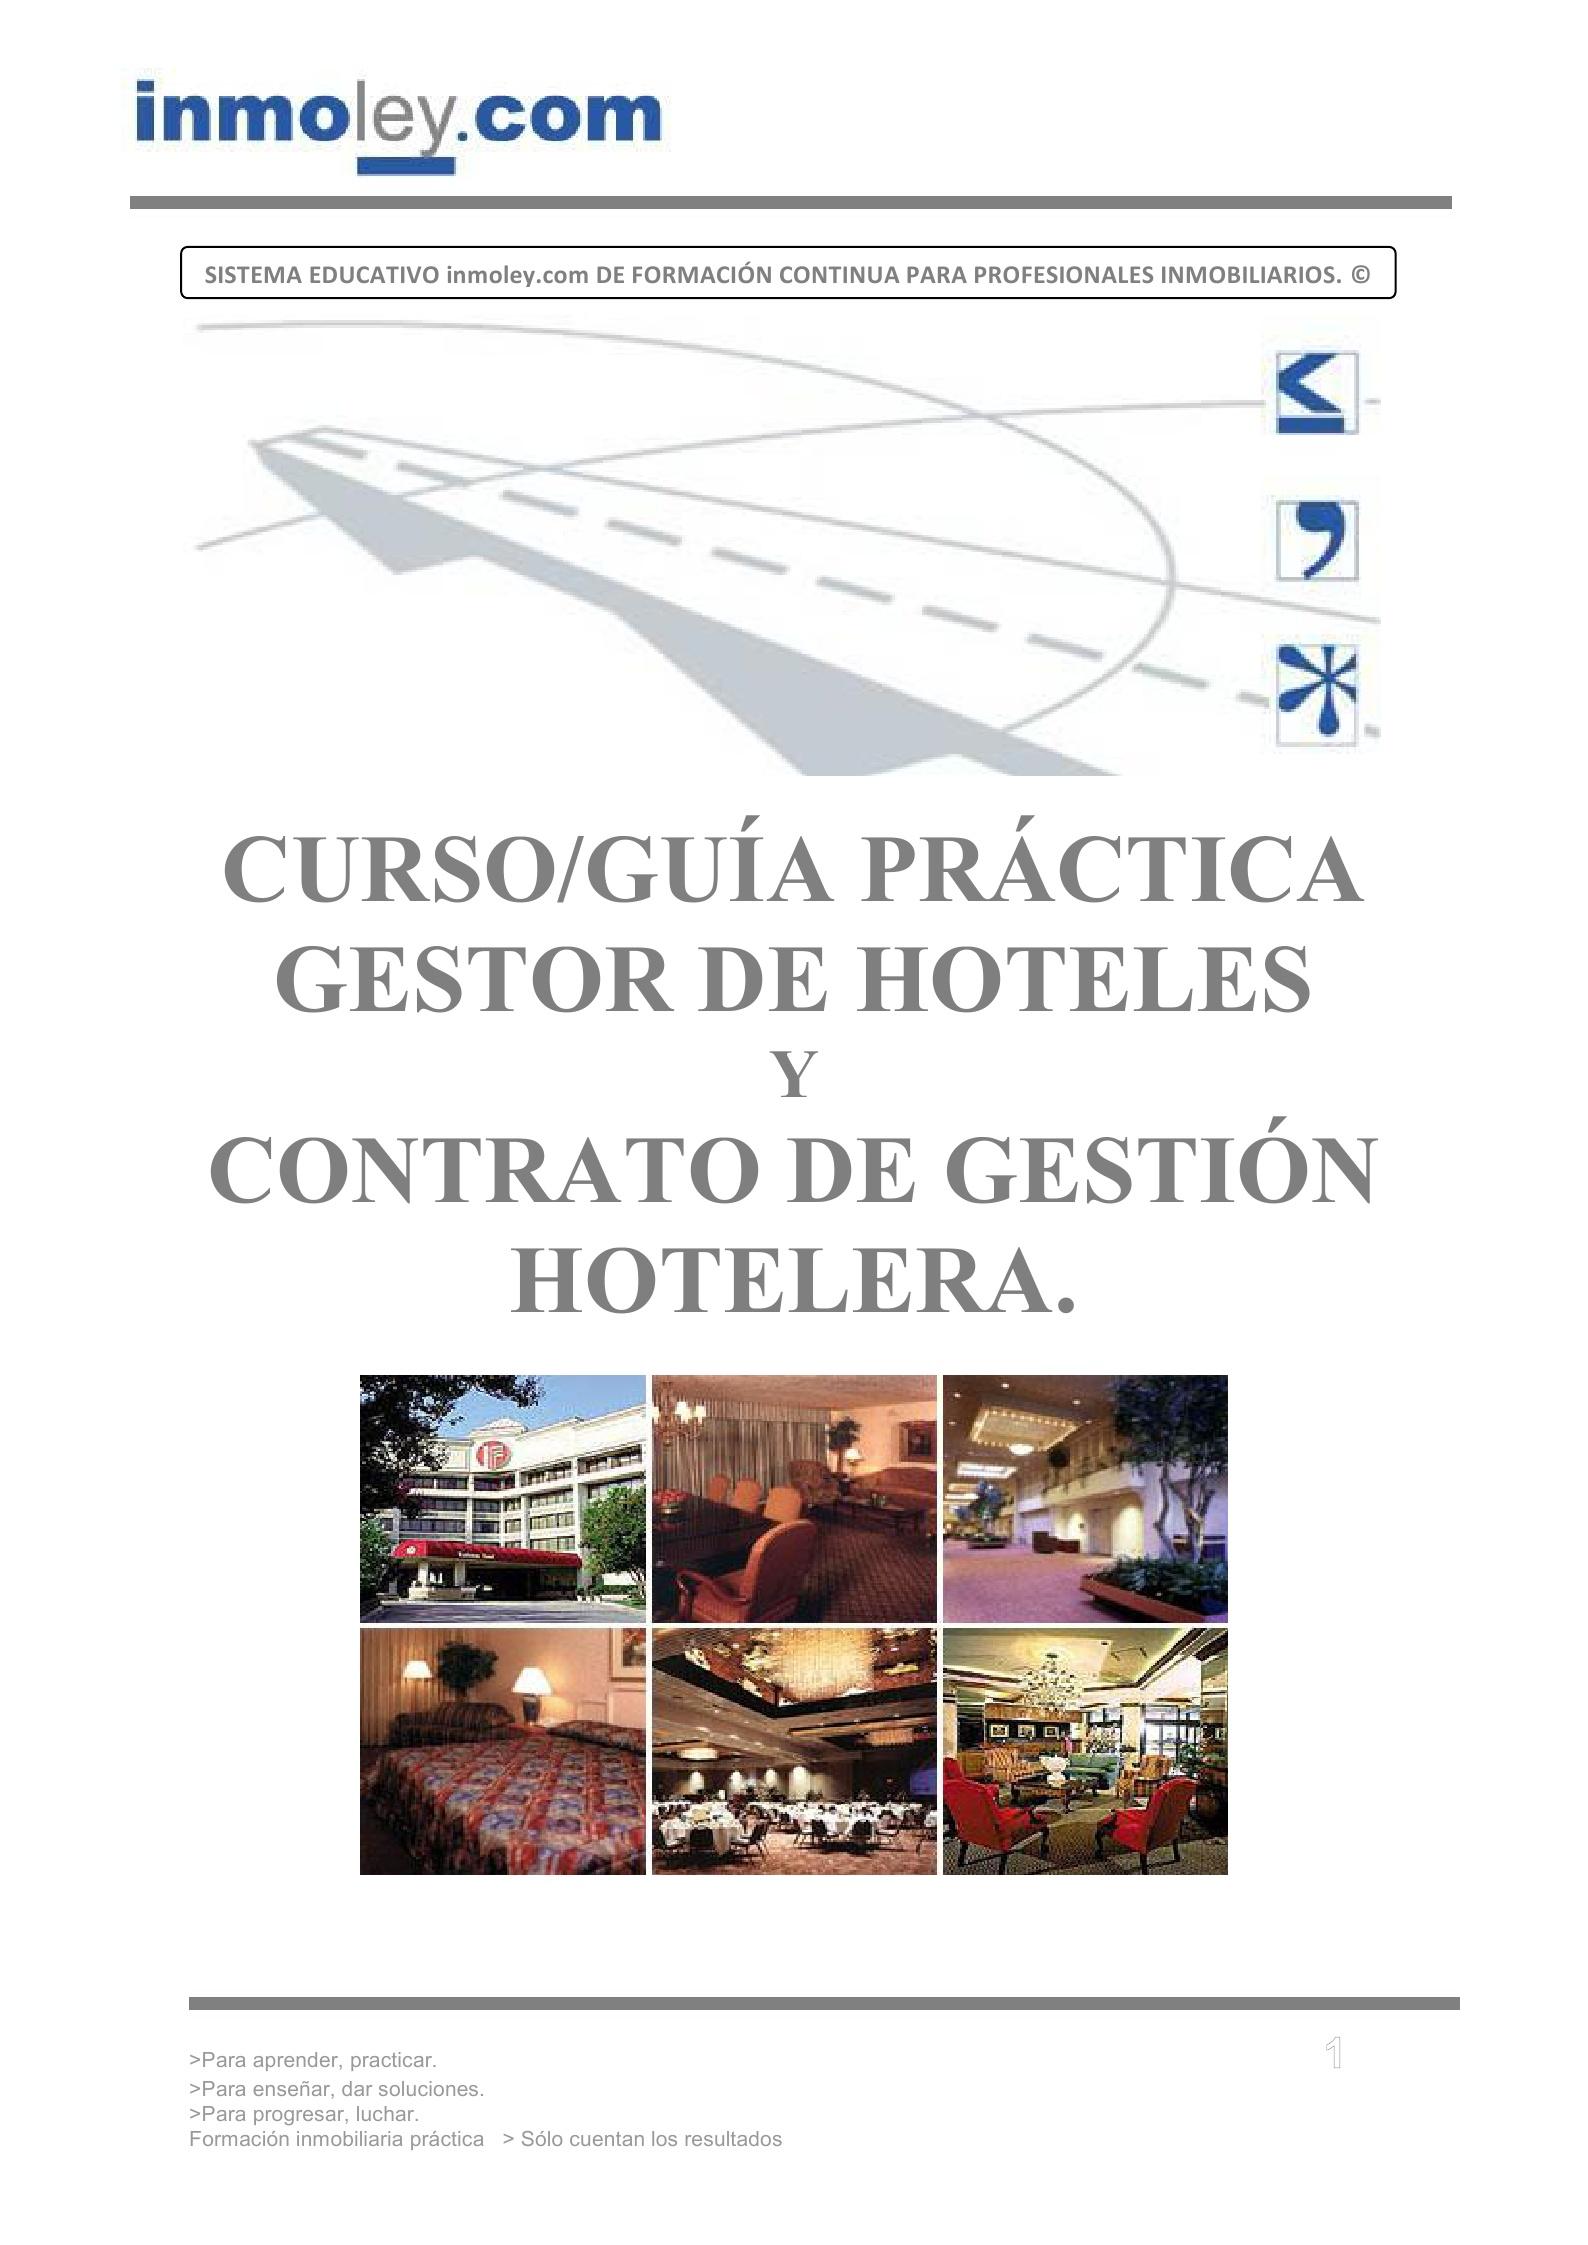 GESTOR DE HOTELES Y CONTRATO DE GESTIÓN HOTELERA.